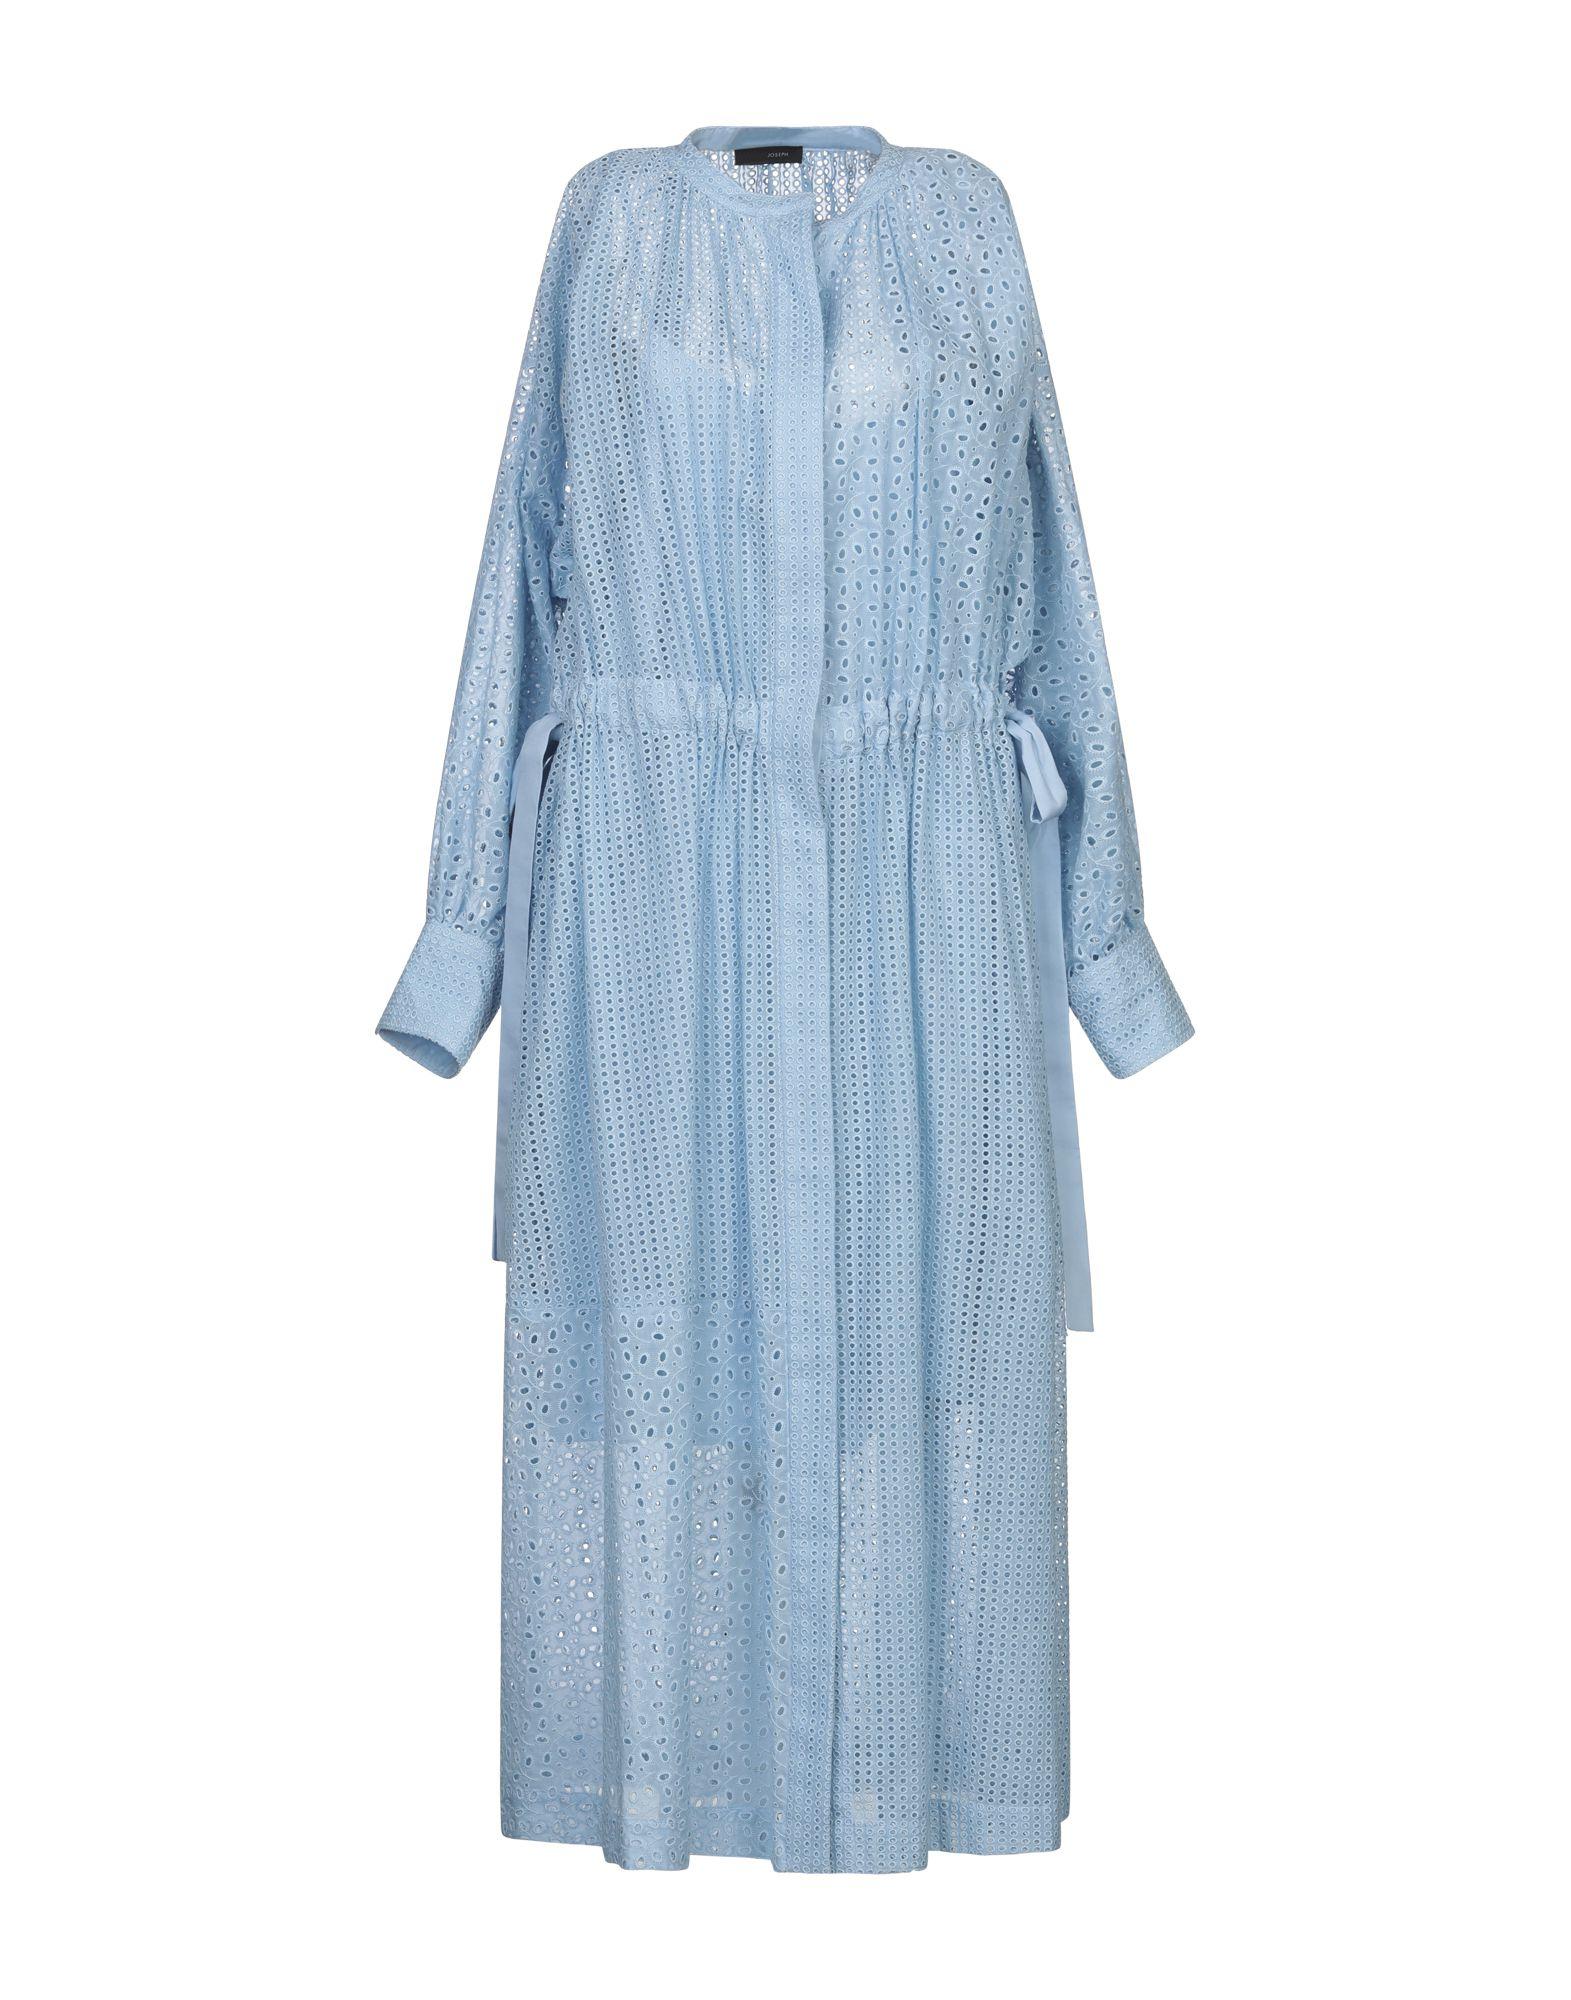 JOSEPH Платье длиной 3/4 фото